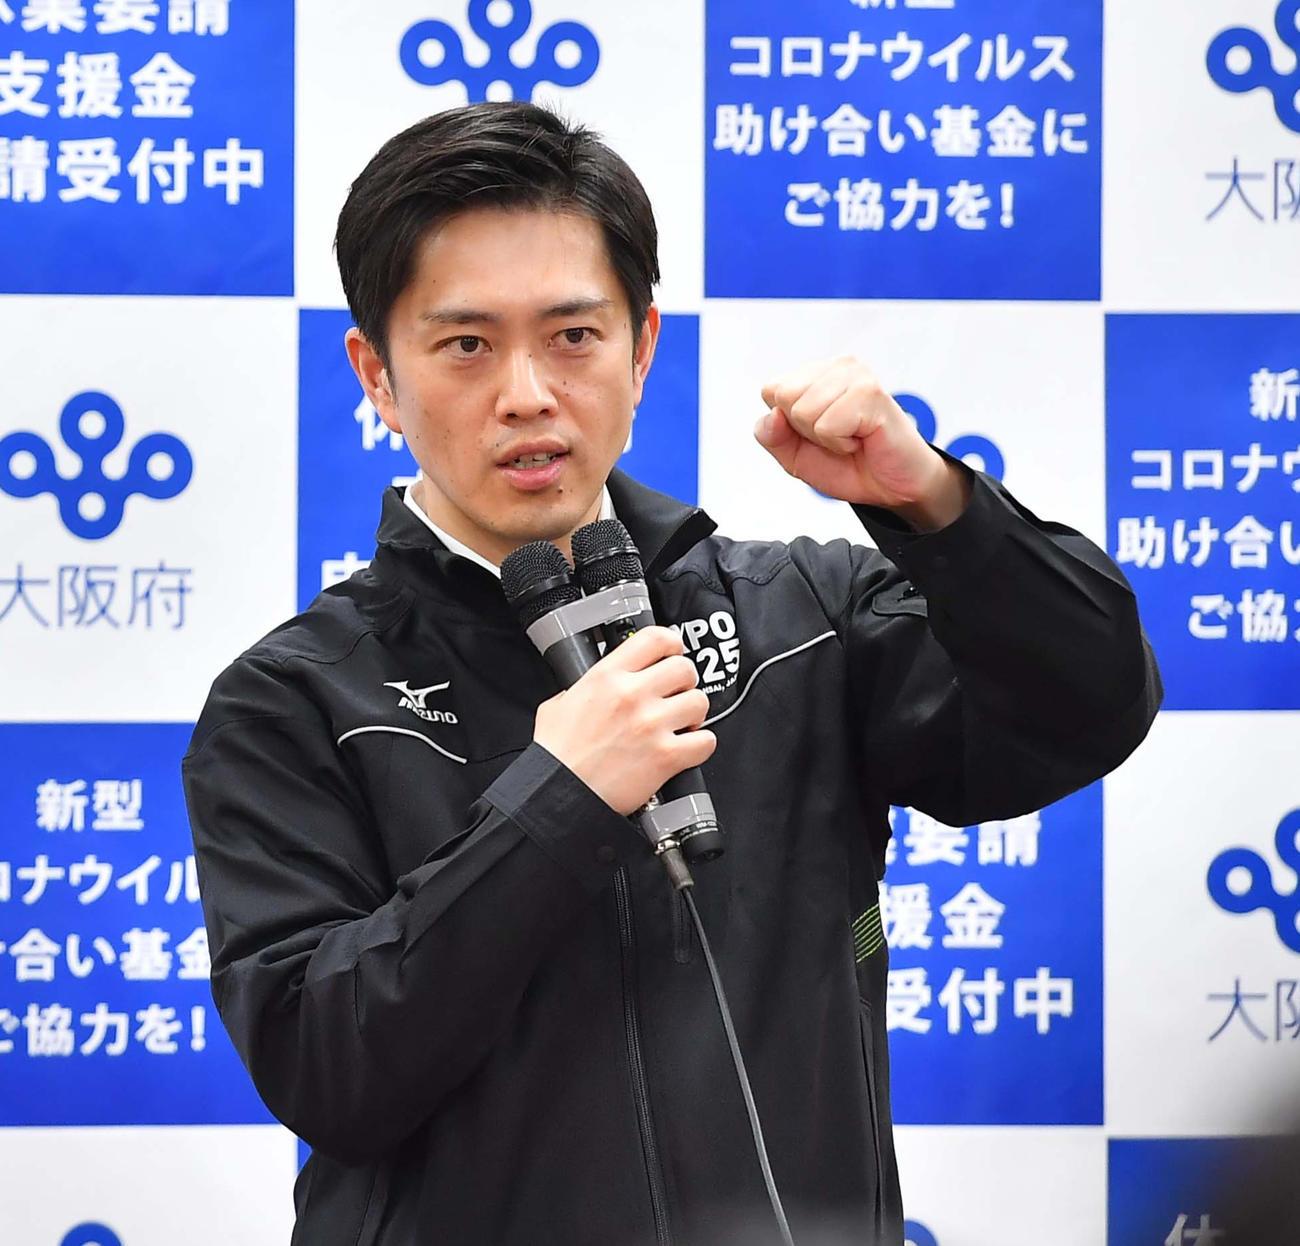 大阪府・吉村洋文知事(2020年5月21日)